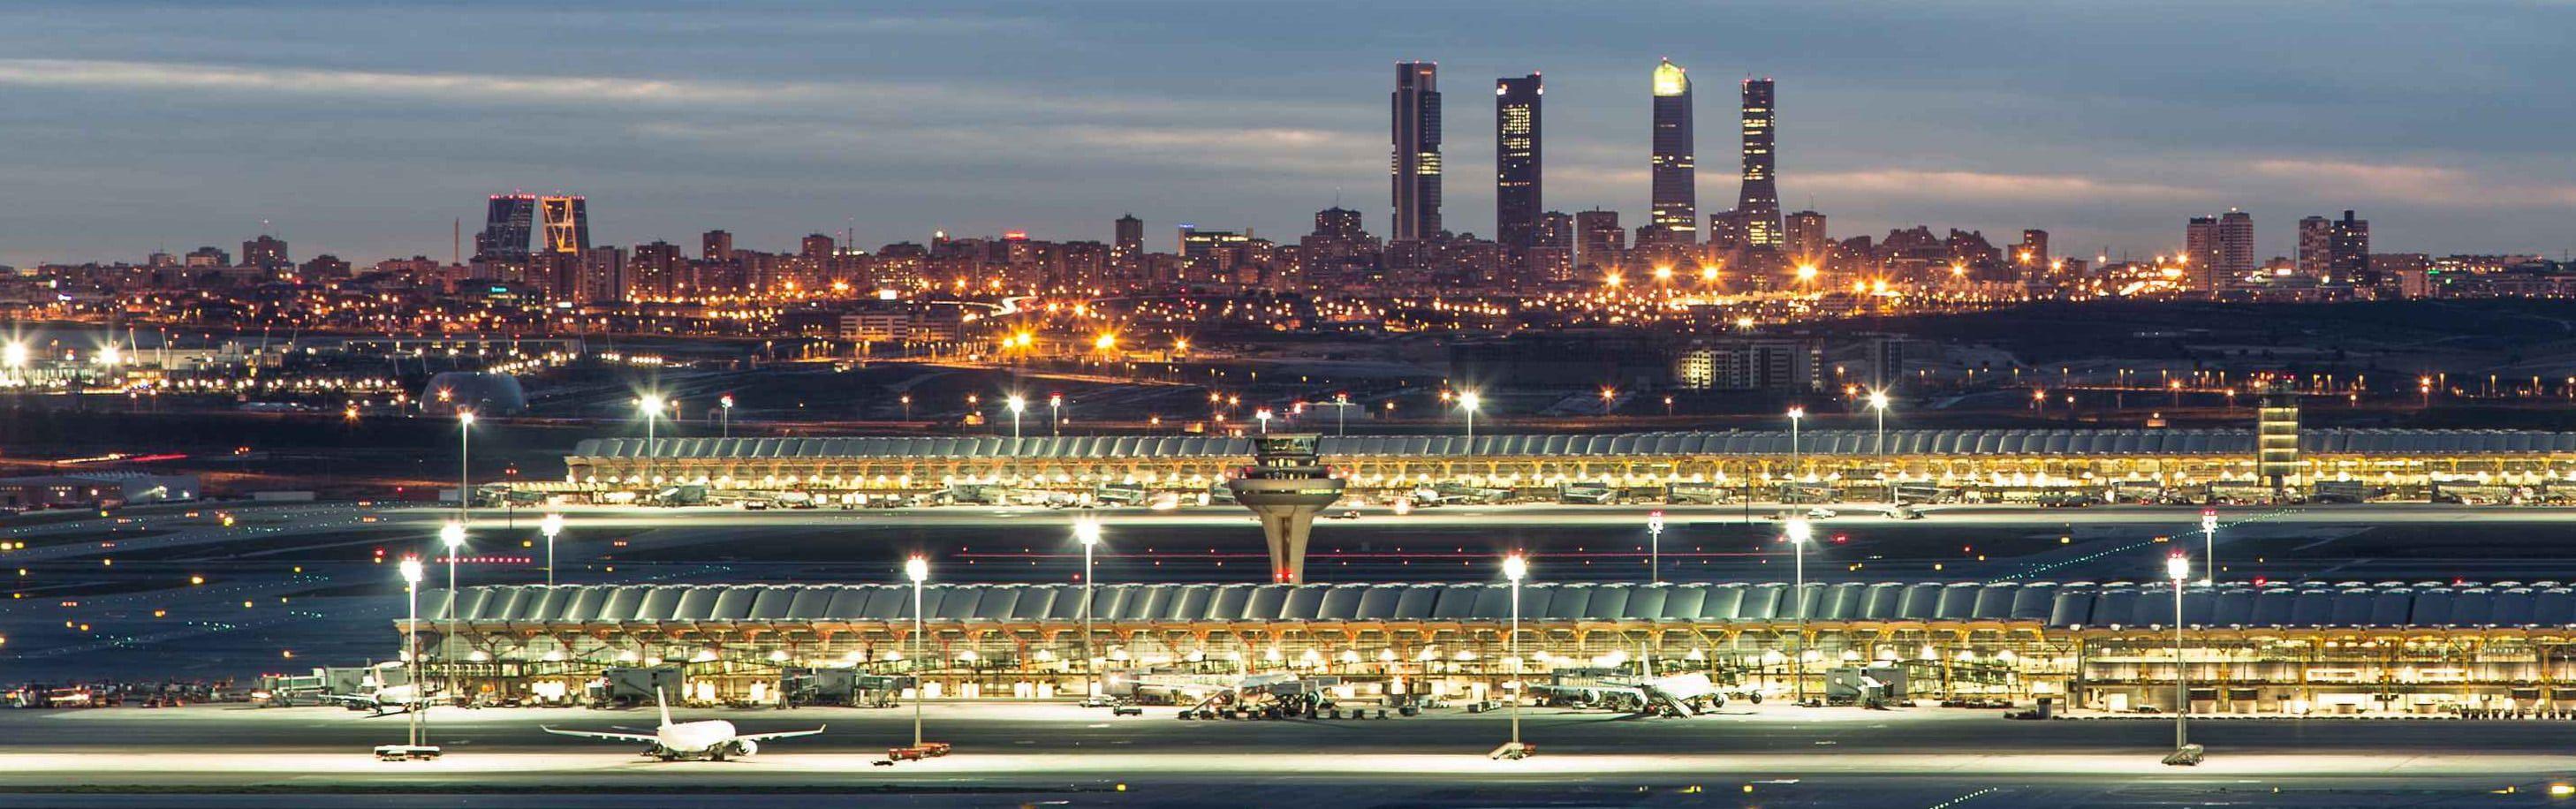 Recogida de coches en aeropuerto de madrid